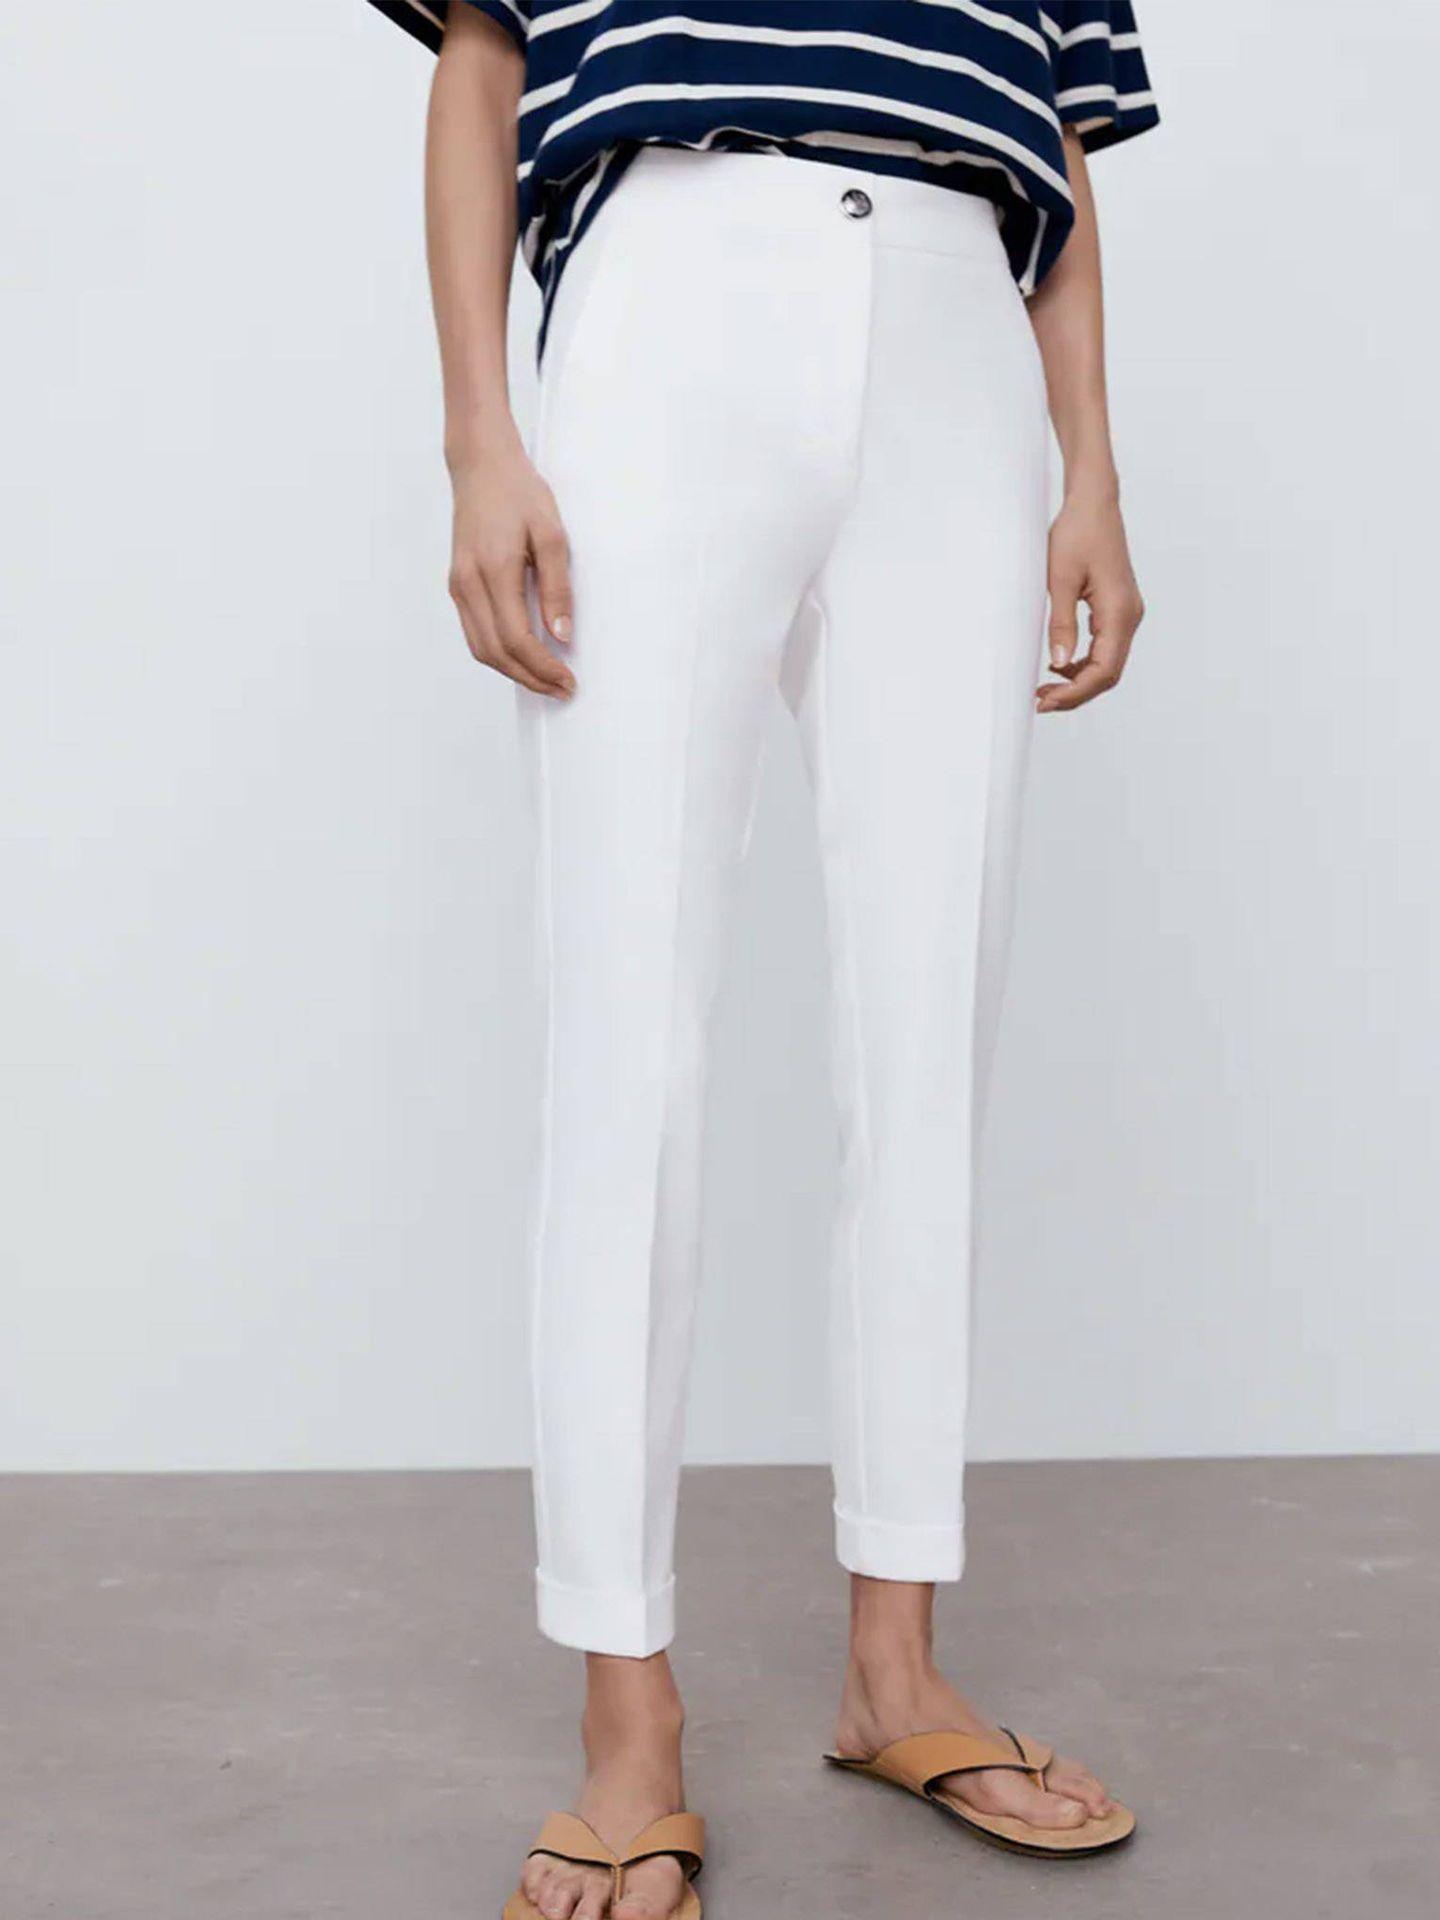 Pantalones blancos de Zara. (Cortesía)